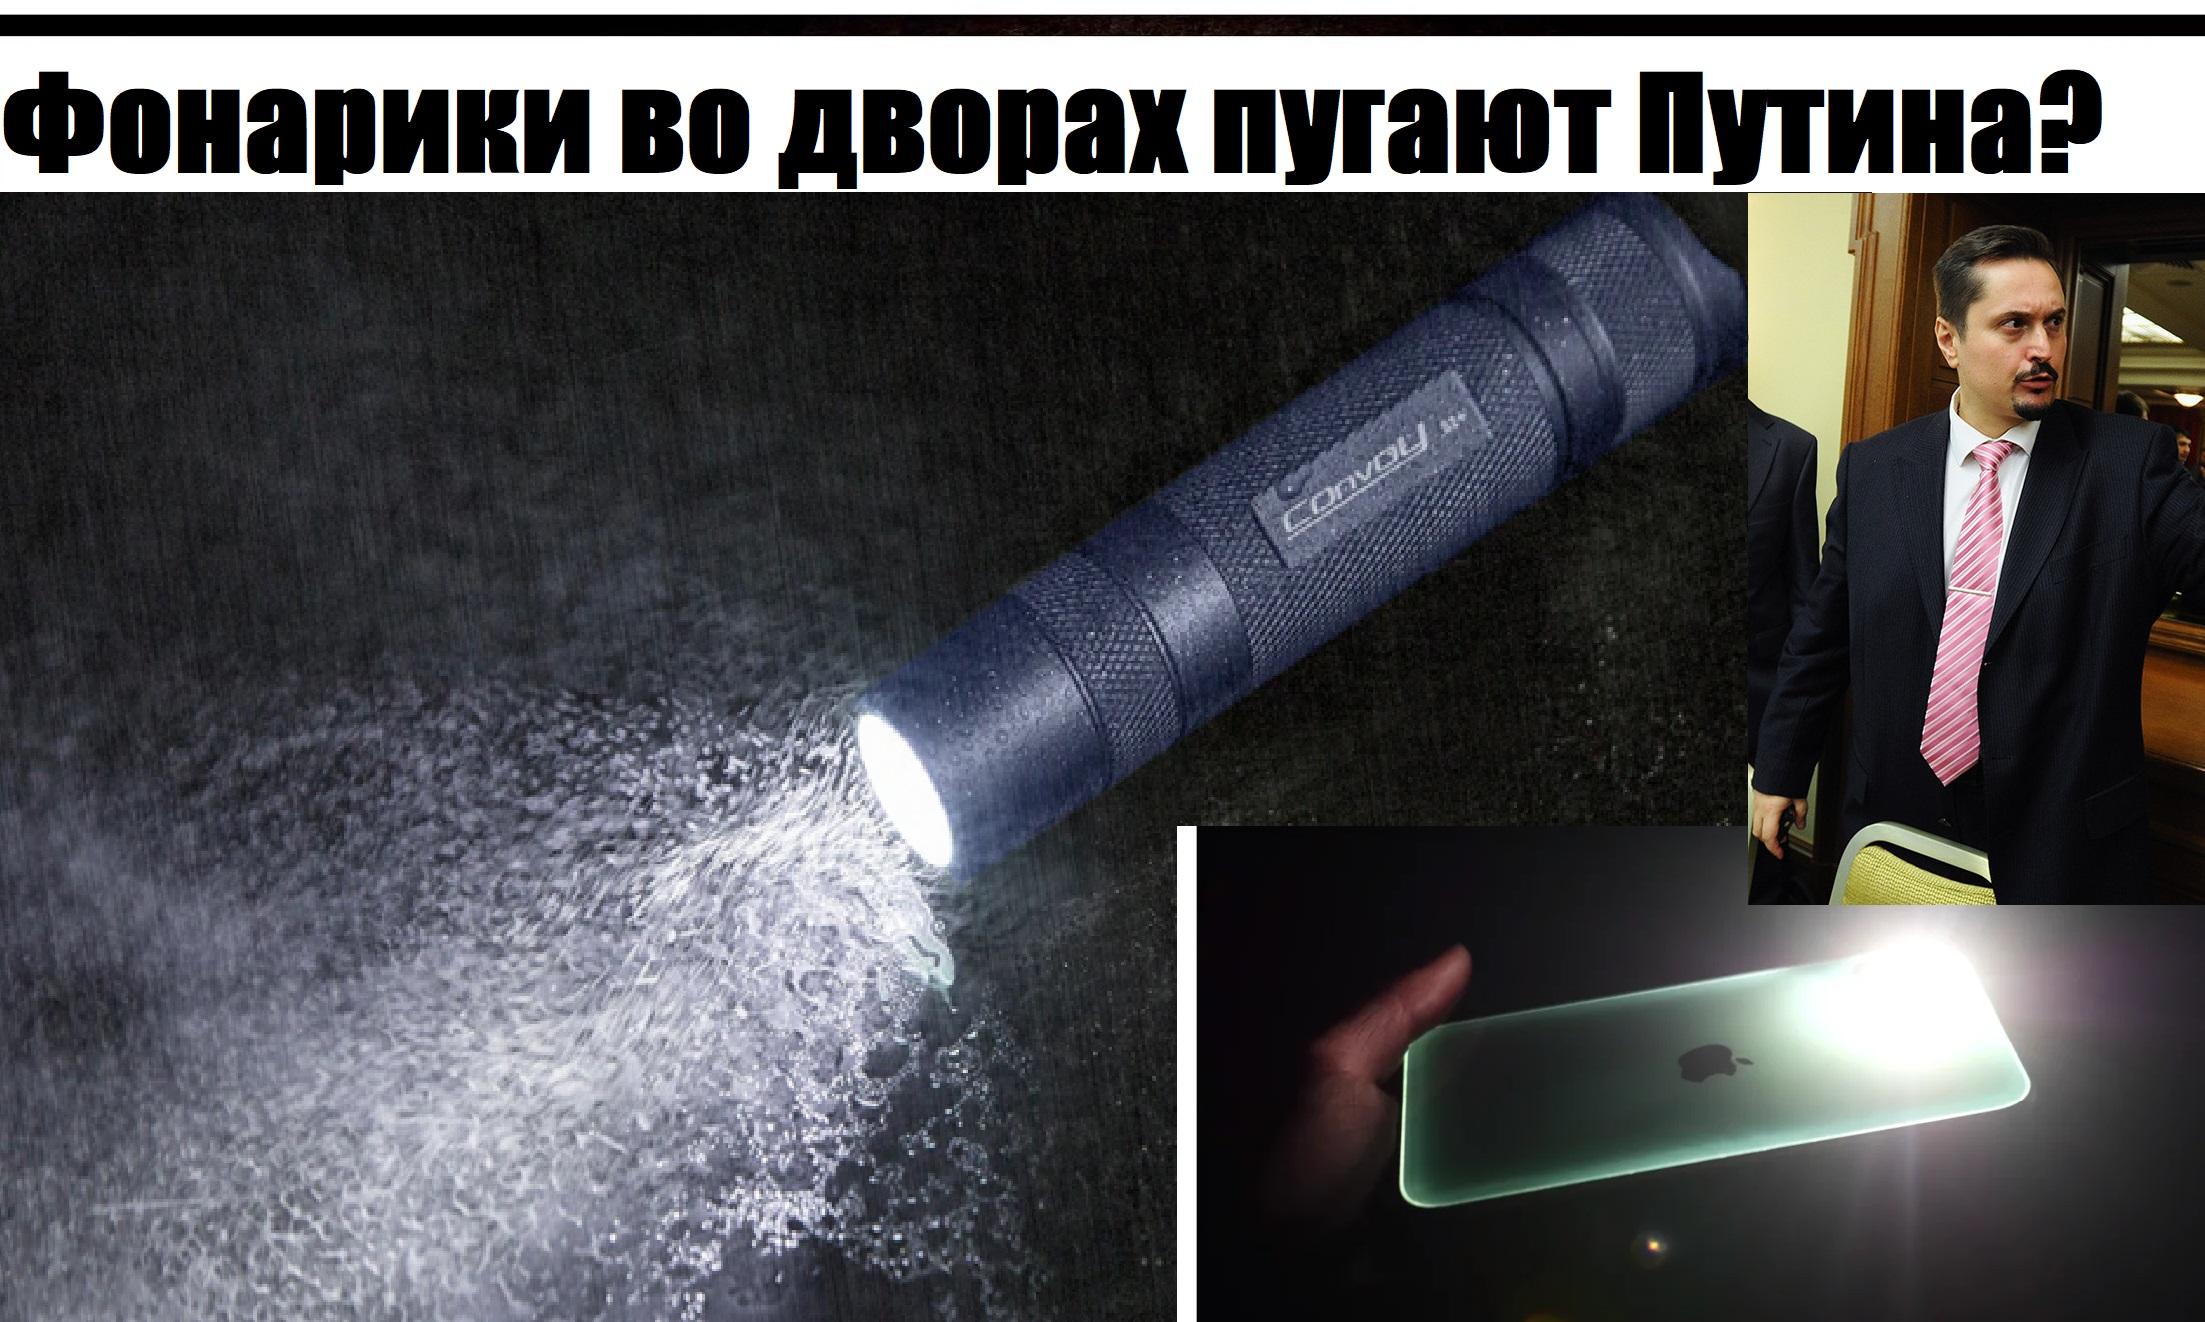 Акция с фонариками во дворах